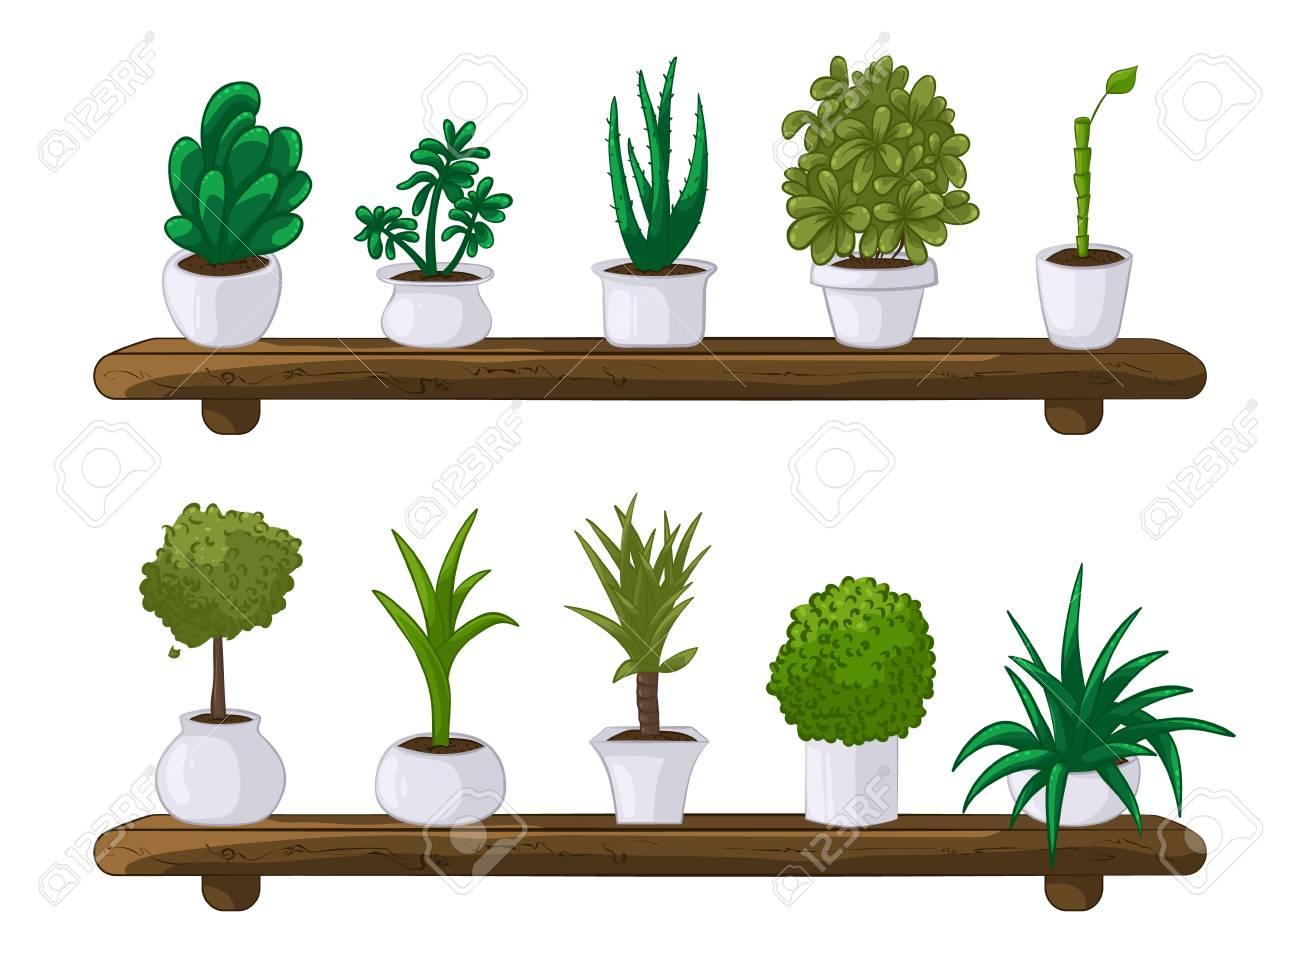 木製の棚に白い背景の鉢に観葉植物のセットのベクトル イラストの